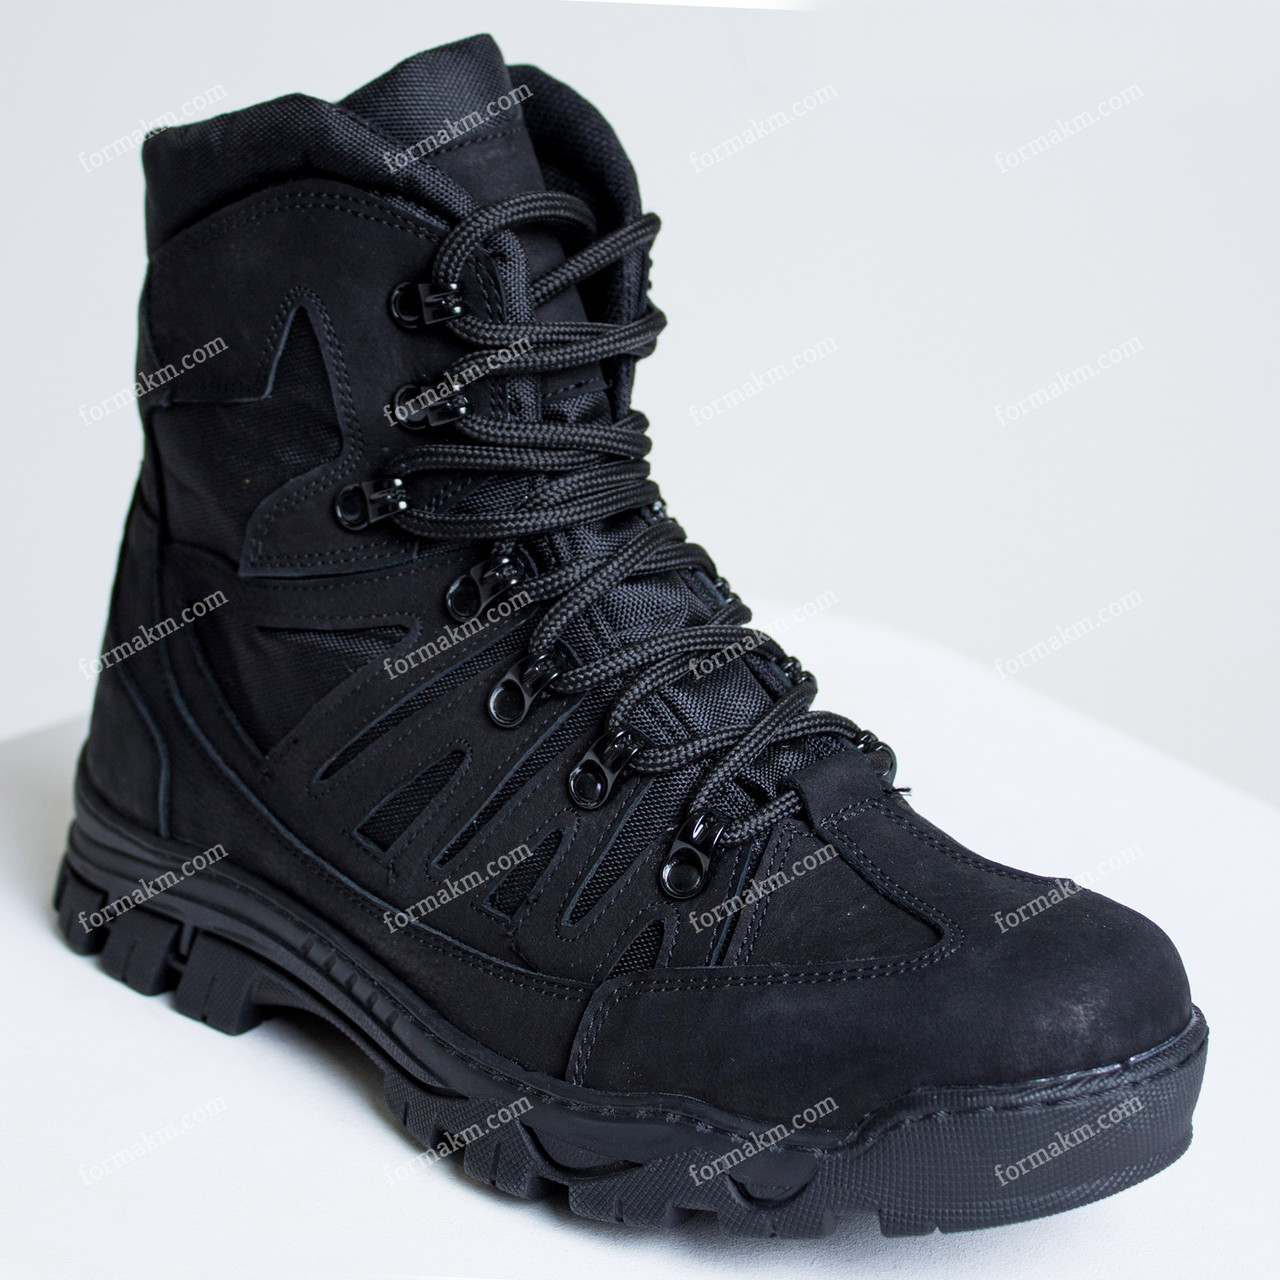 Ботинки Тактические Зимние Hunter Black